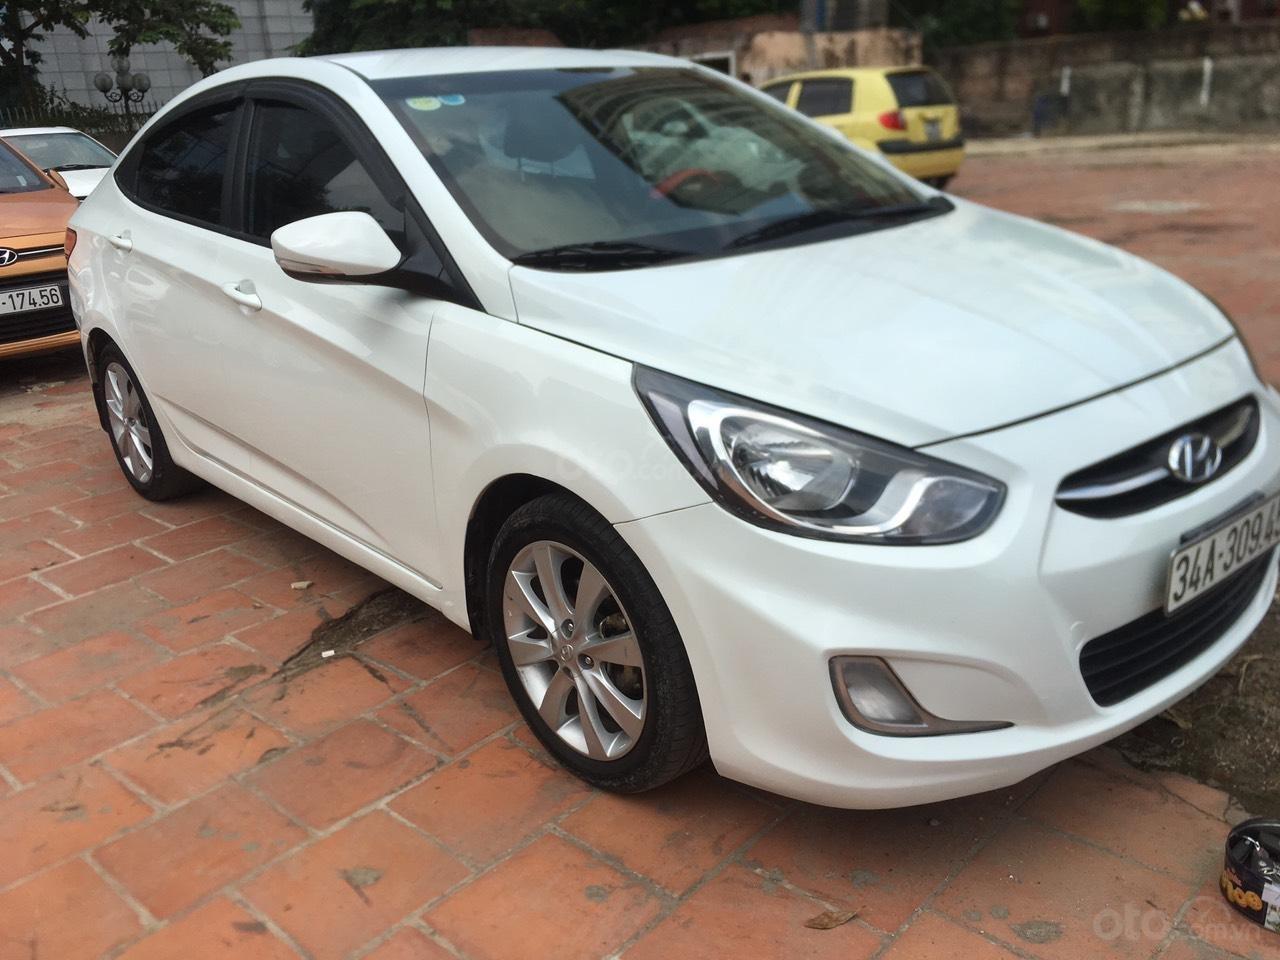 Bán xe Hyundai Accent 2015, màu trắng, nhập khẩu nguyên chiếc (1)